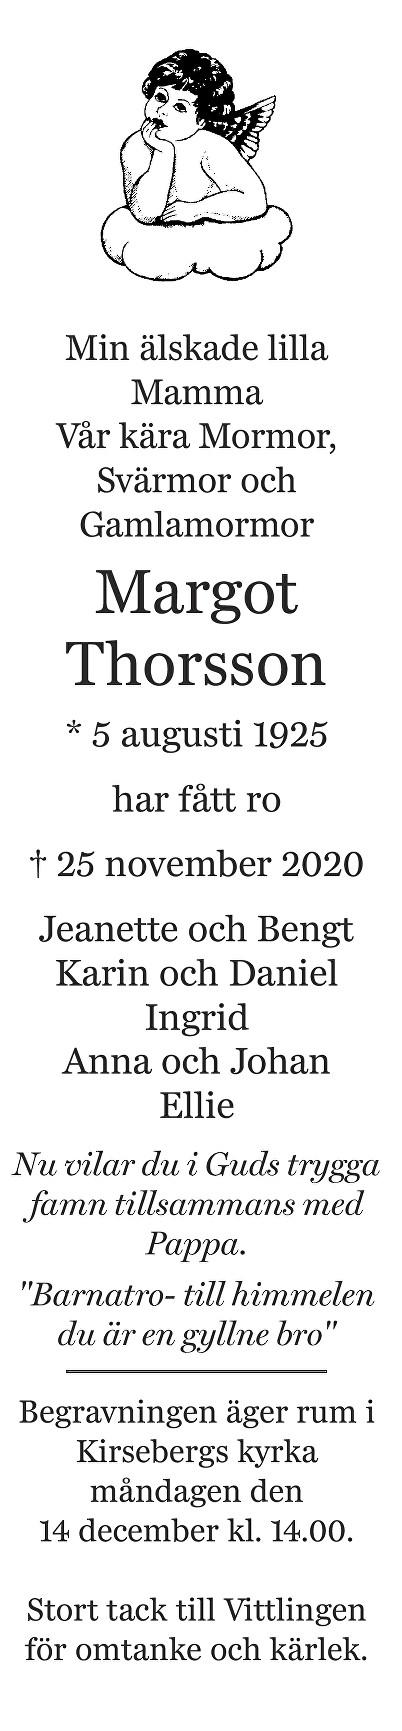 Margot Thorsson Death notice